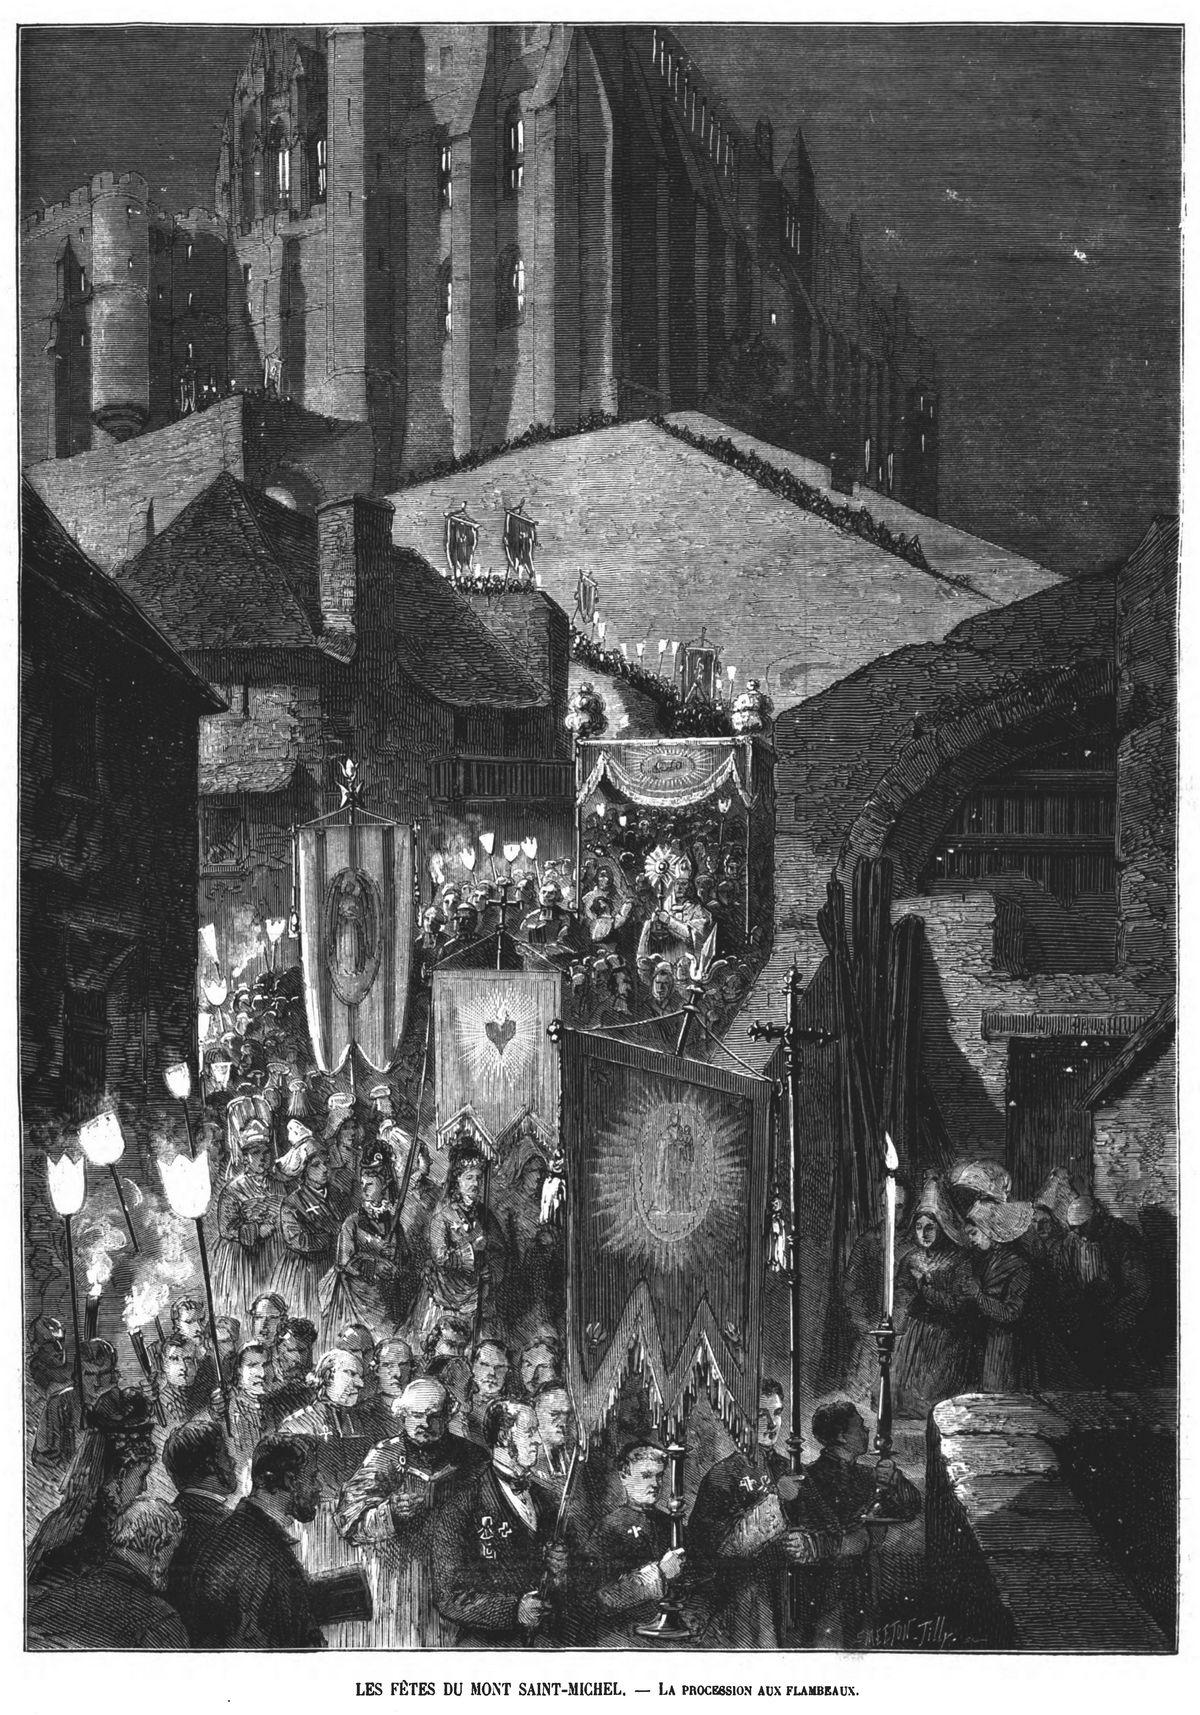 Les fêtes du mont Saint-Michel; Gravure 1874 — La procession aux flambeaux. Gravure 1874